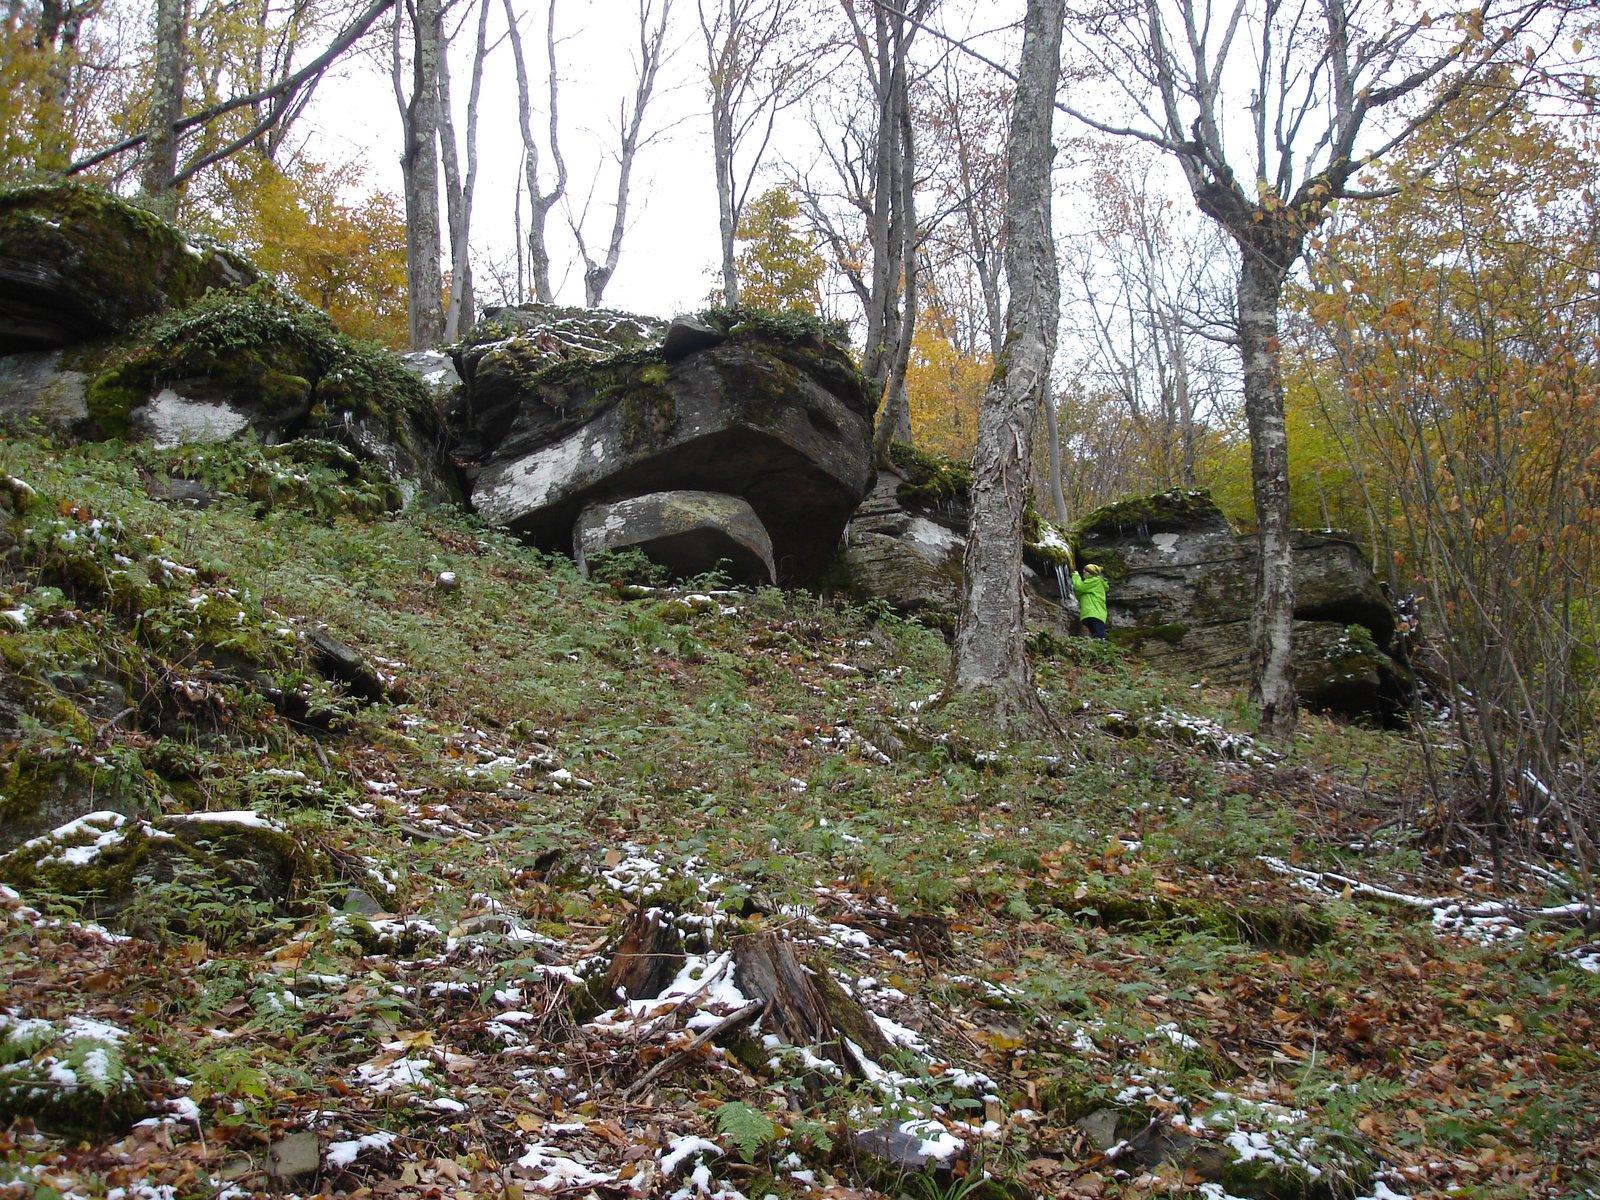 Plattekill riders cliffs